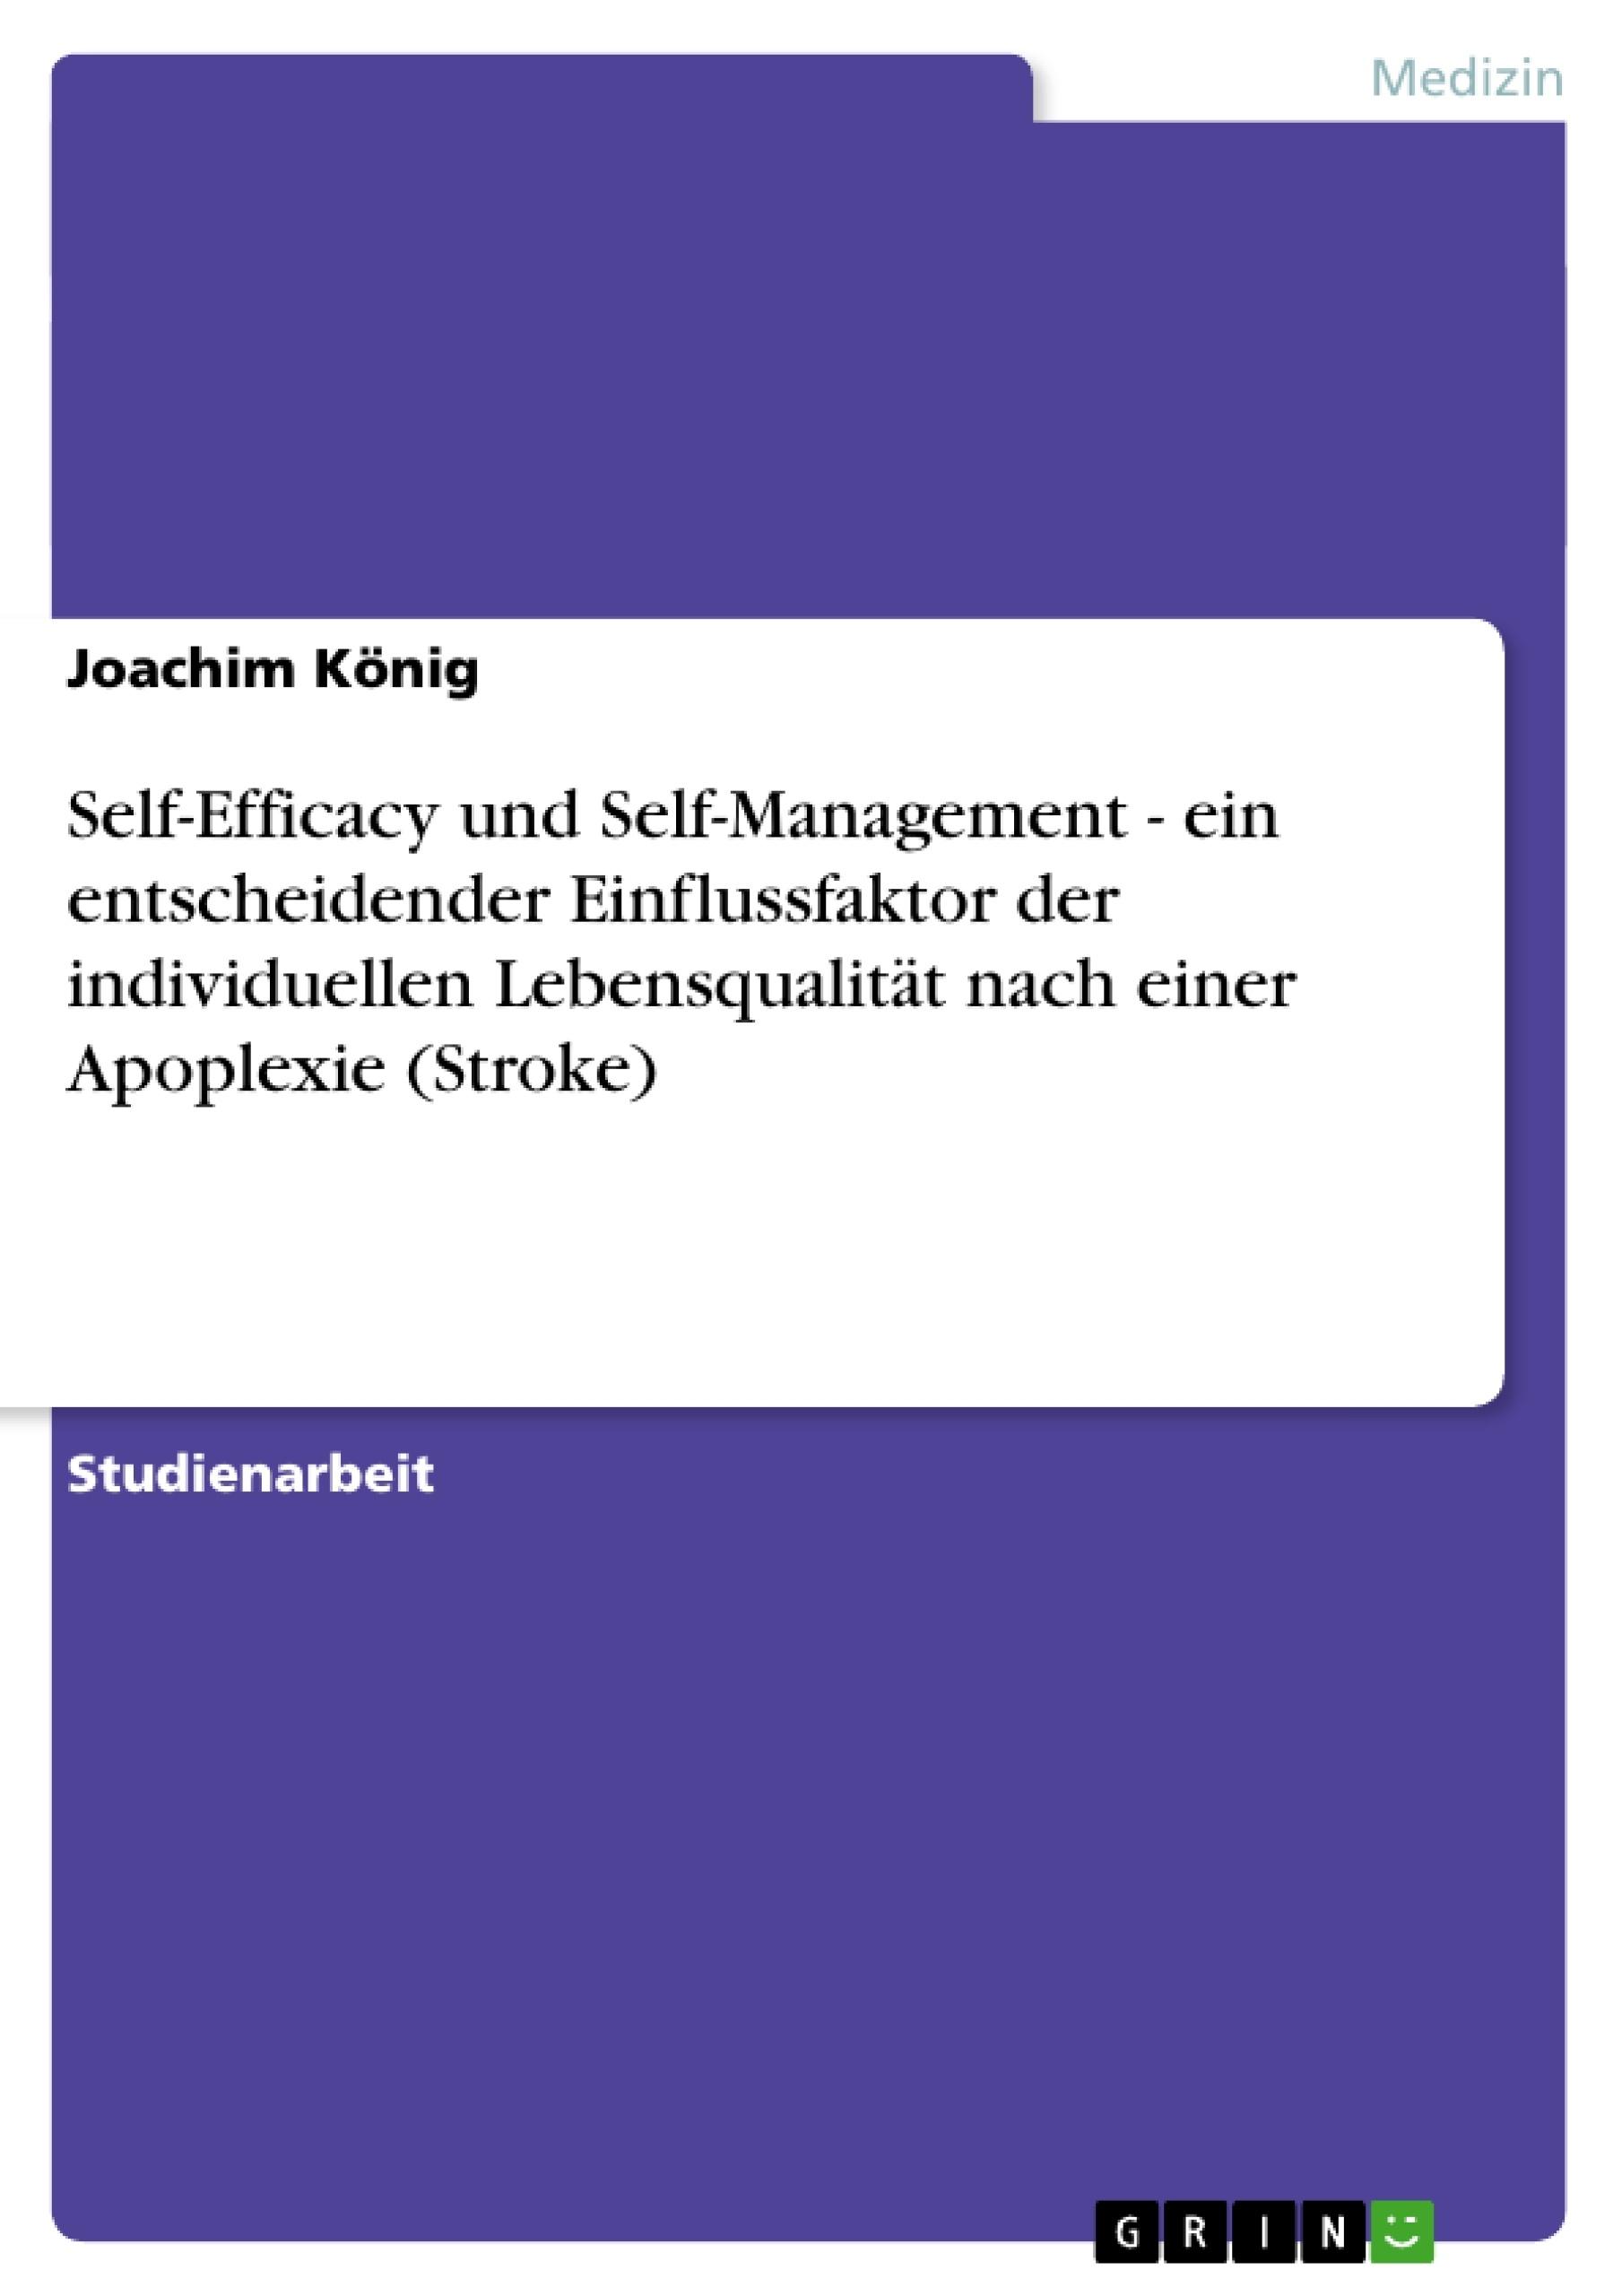 Titel: Self-Efficacy und Self-Management - ein entscheidender Einflussfaktor der individuellen Lebensqualität nach einer Apoplexie (Stroke)